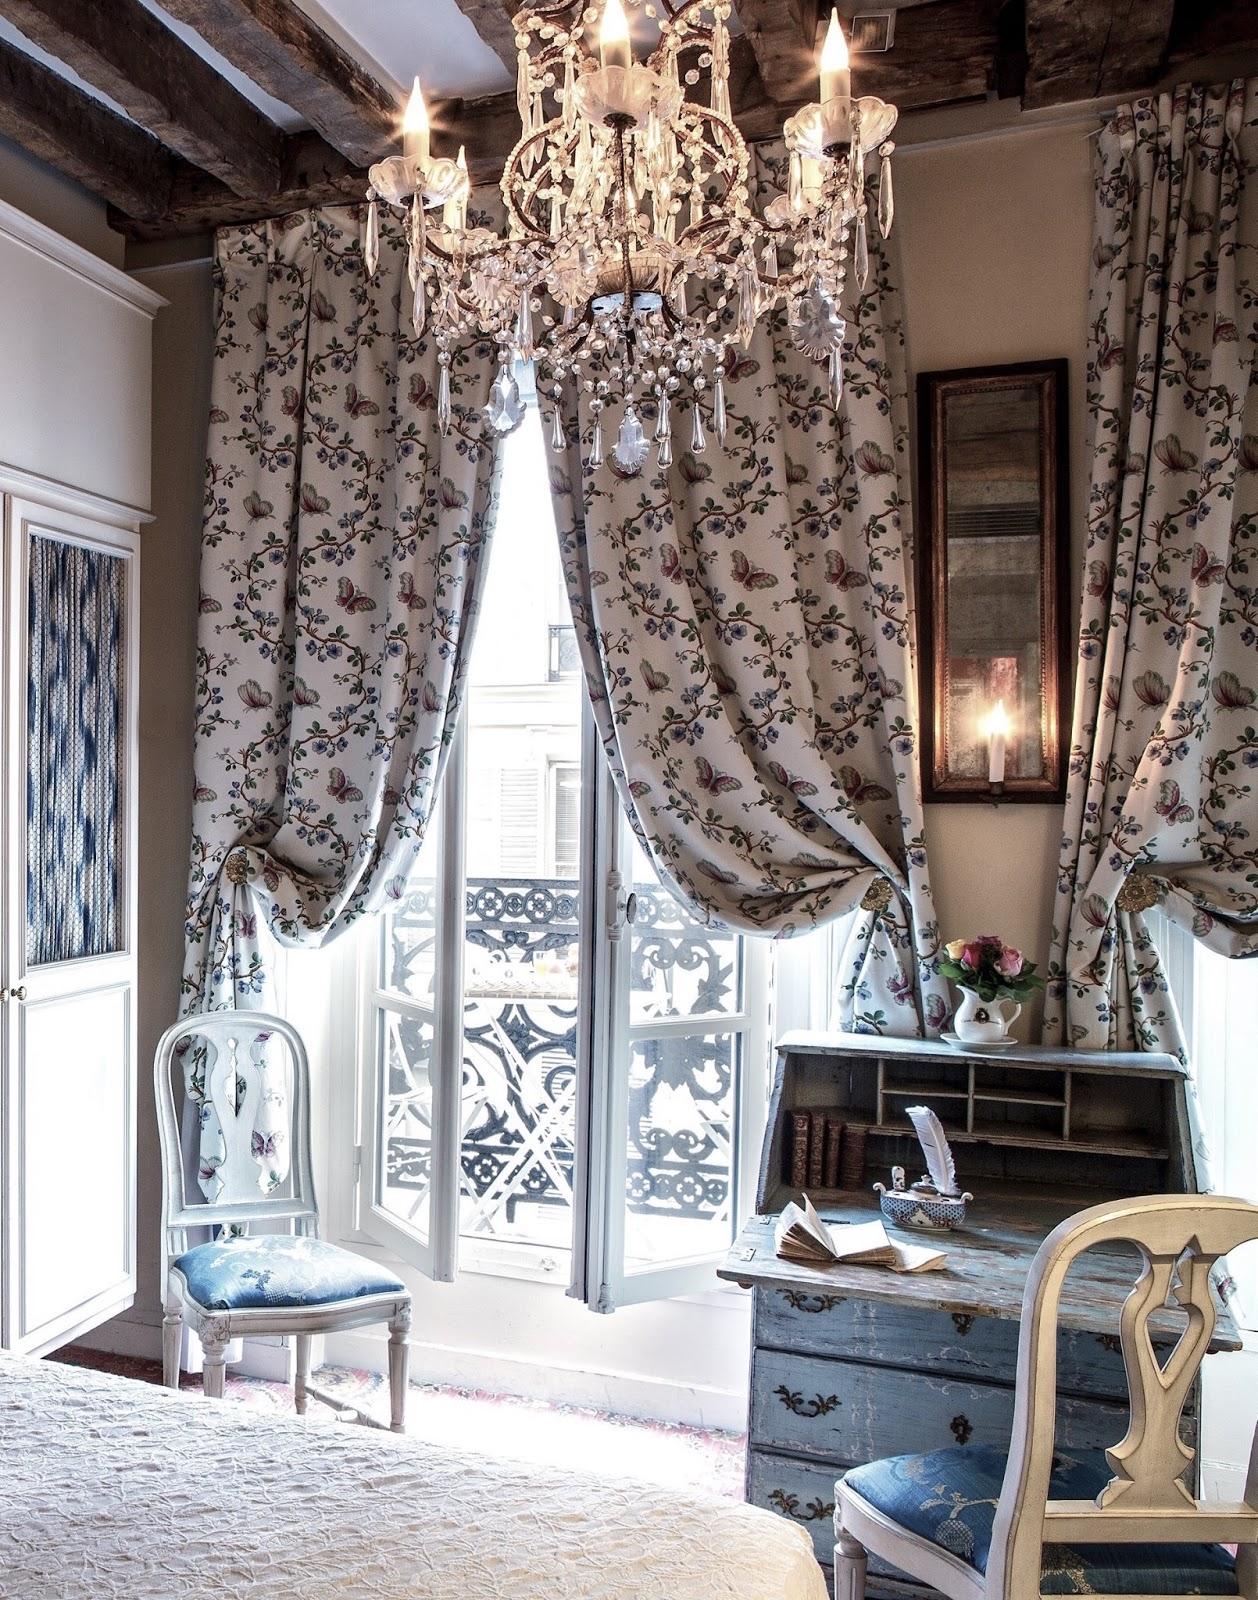 Travel destinations hotel caron de beaumarchais paris for Hotel decor inspiration